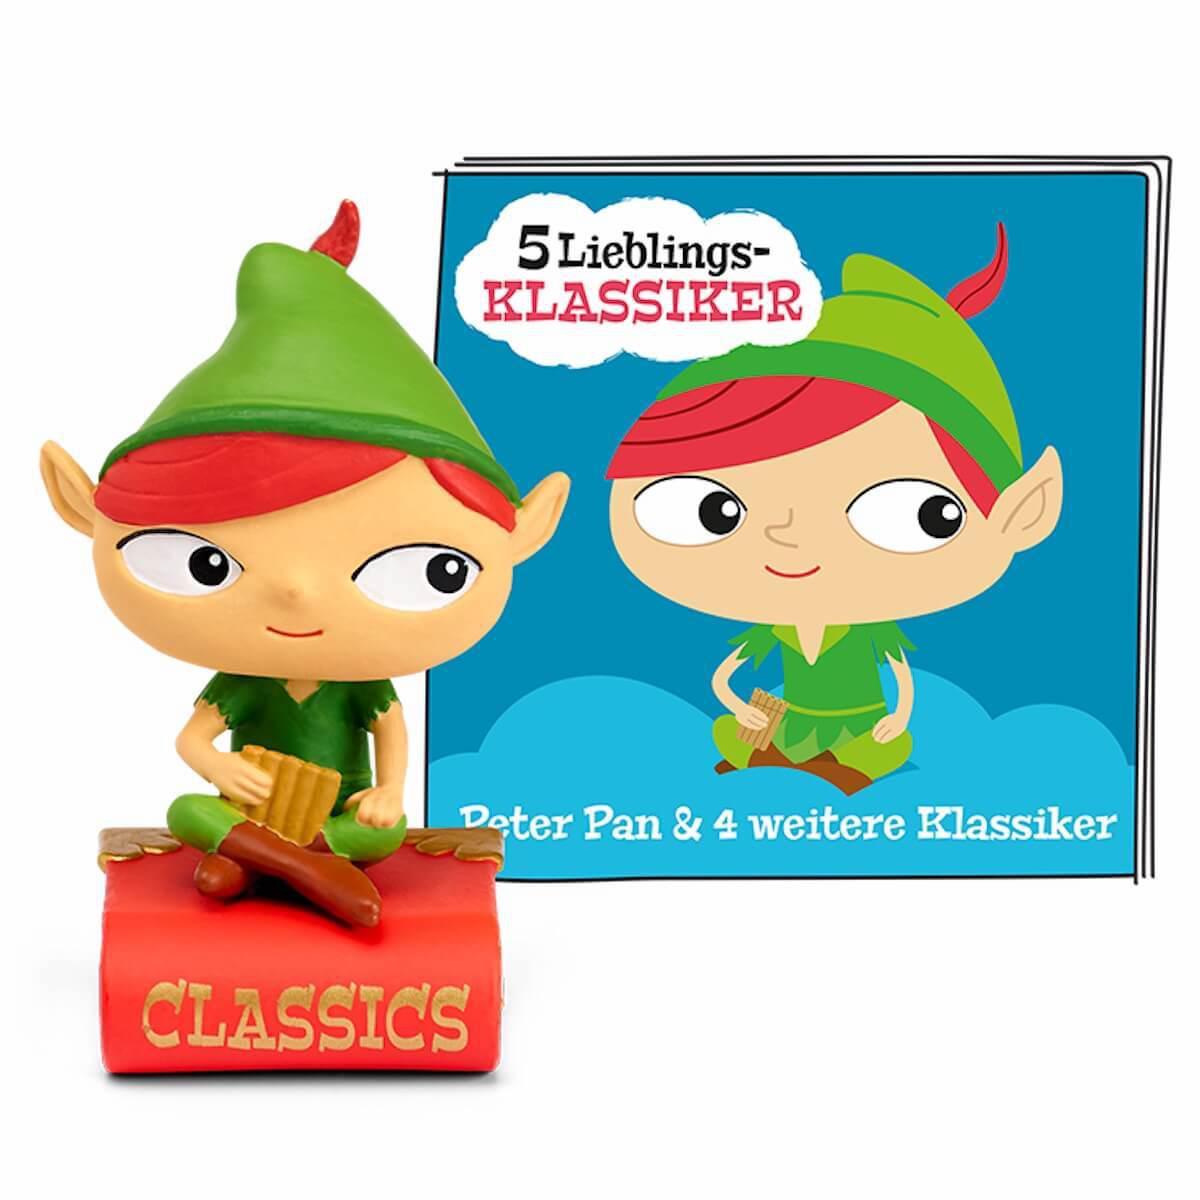 Hörspielfigur TONIES 5 Lieblings-Klassiker Peter Pan u.a.